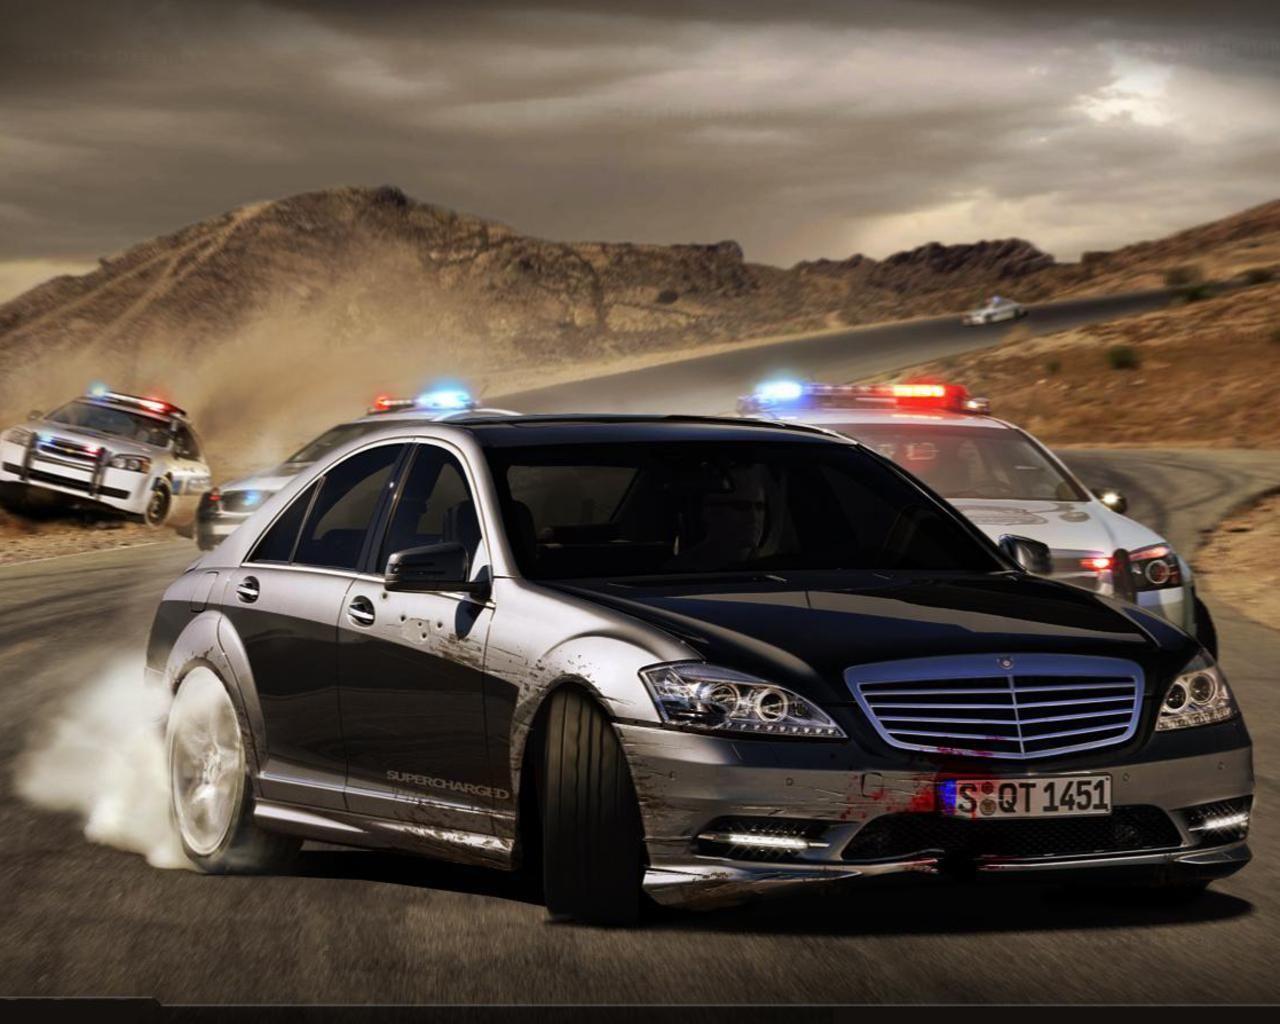 Mercedes HD Wallpapers - WallpaperSafari